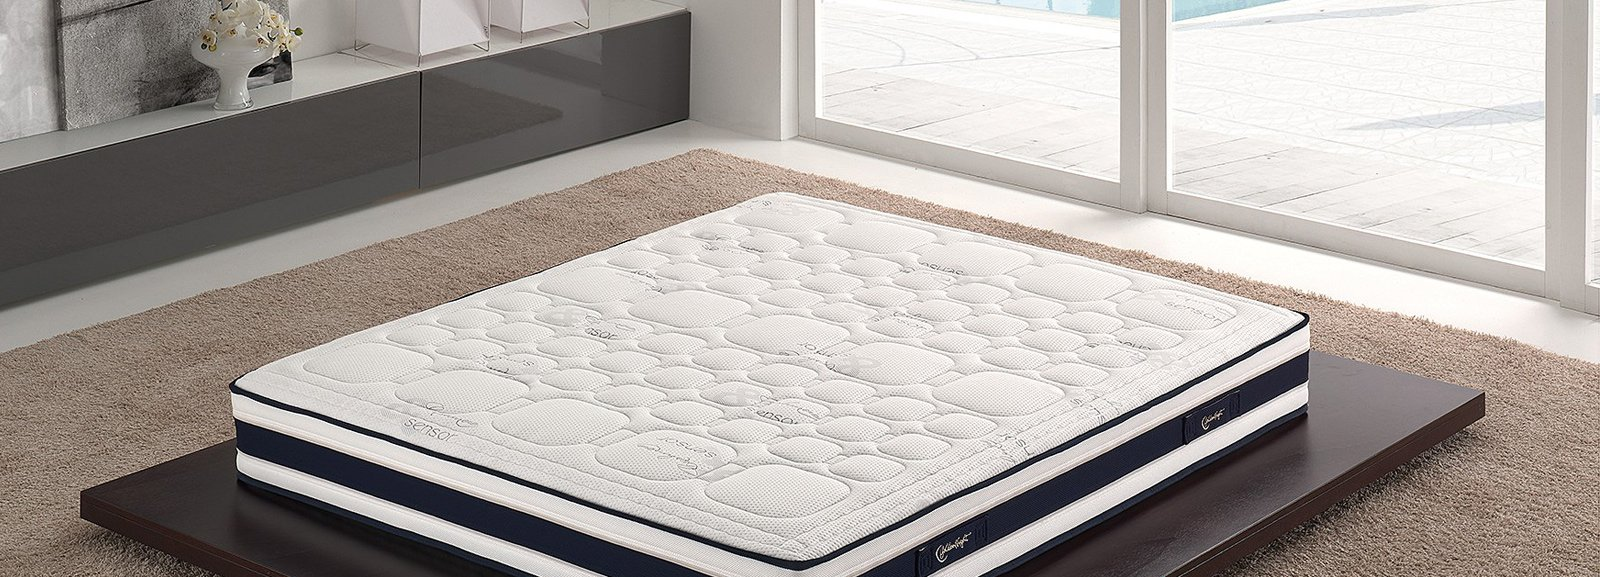 Best materasso una piazza e mezzo photos - Ikea materassi una piazza e mezza ...